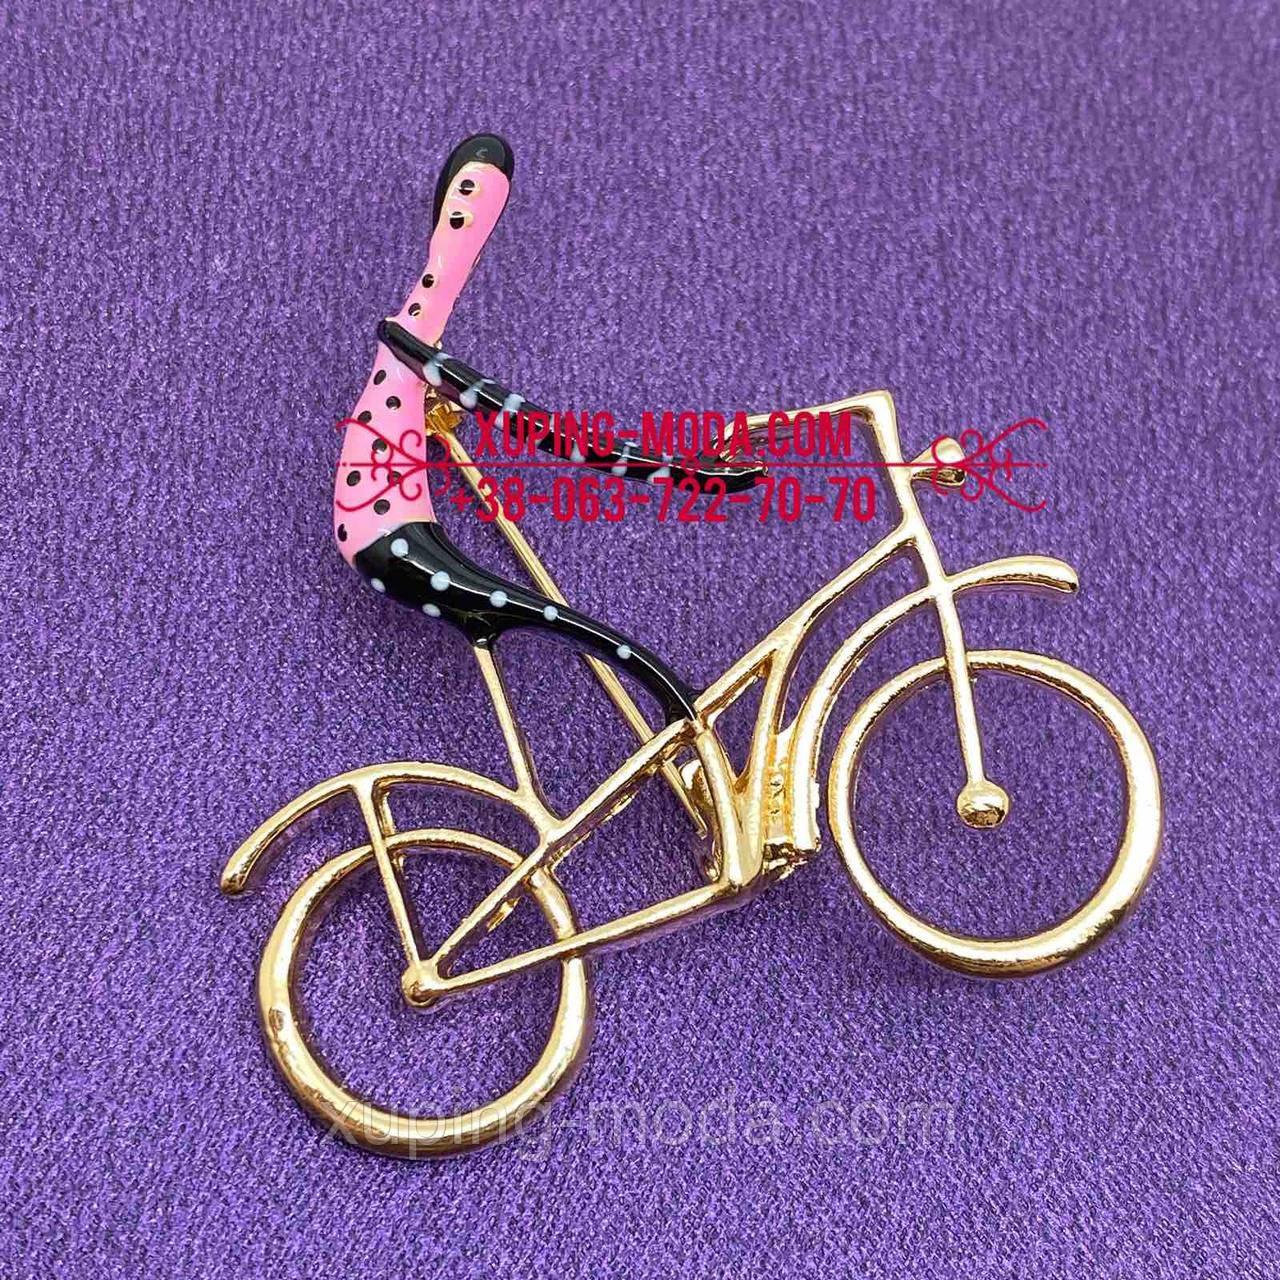 Оригинальная брошь. Человек на велосепеде брошь